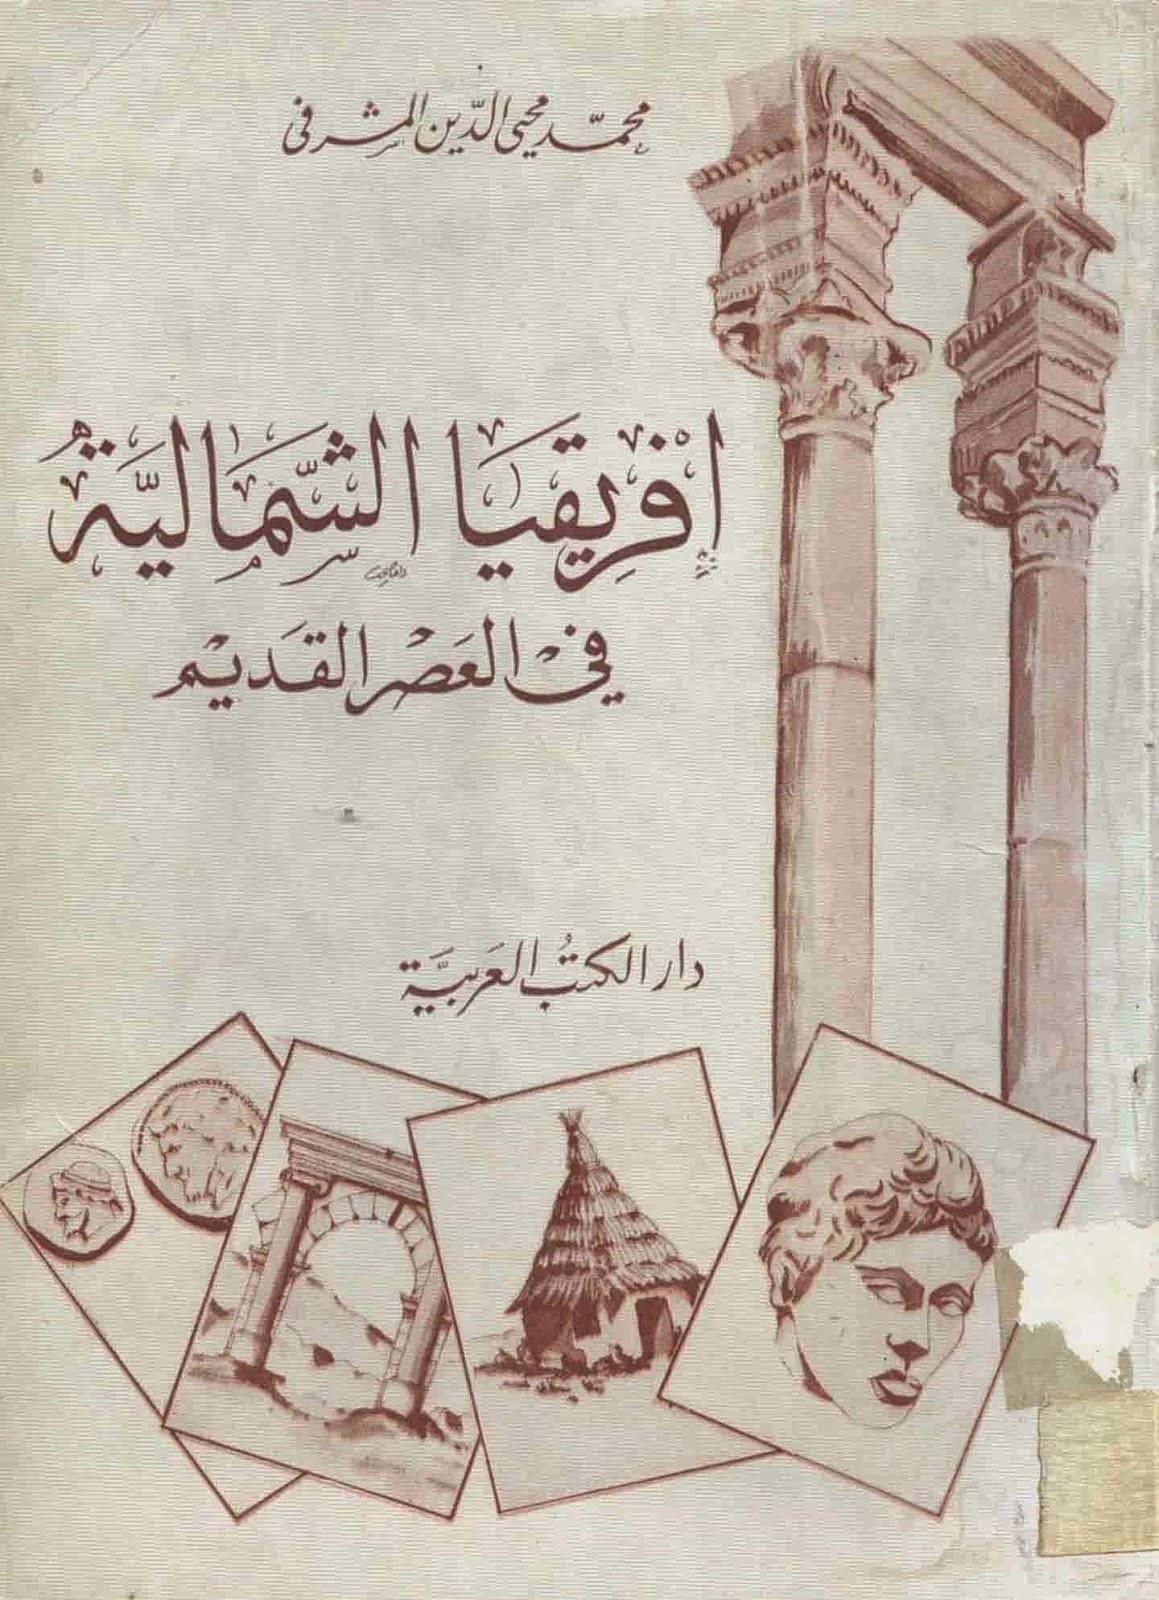 إفريقيا الشمالية في العصر القديم لـ محمد محىي الدين المشرفي